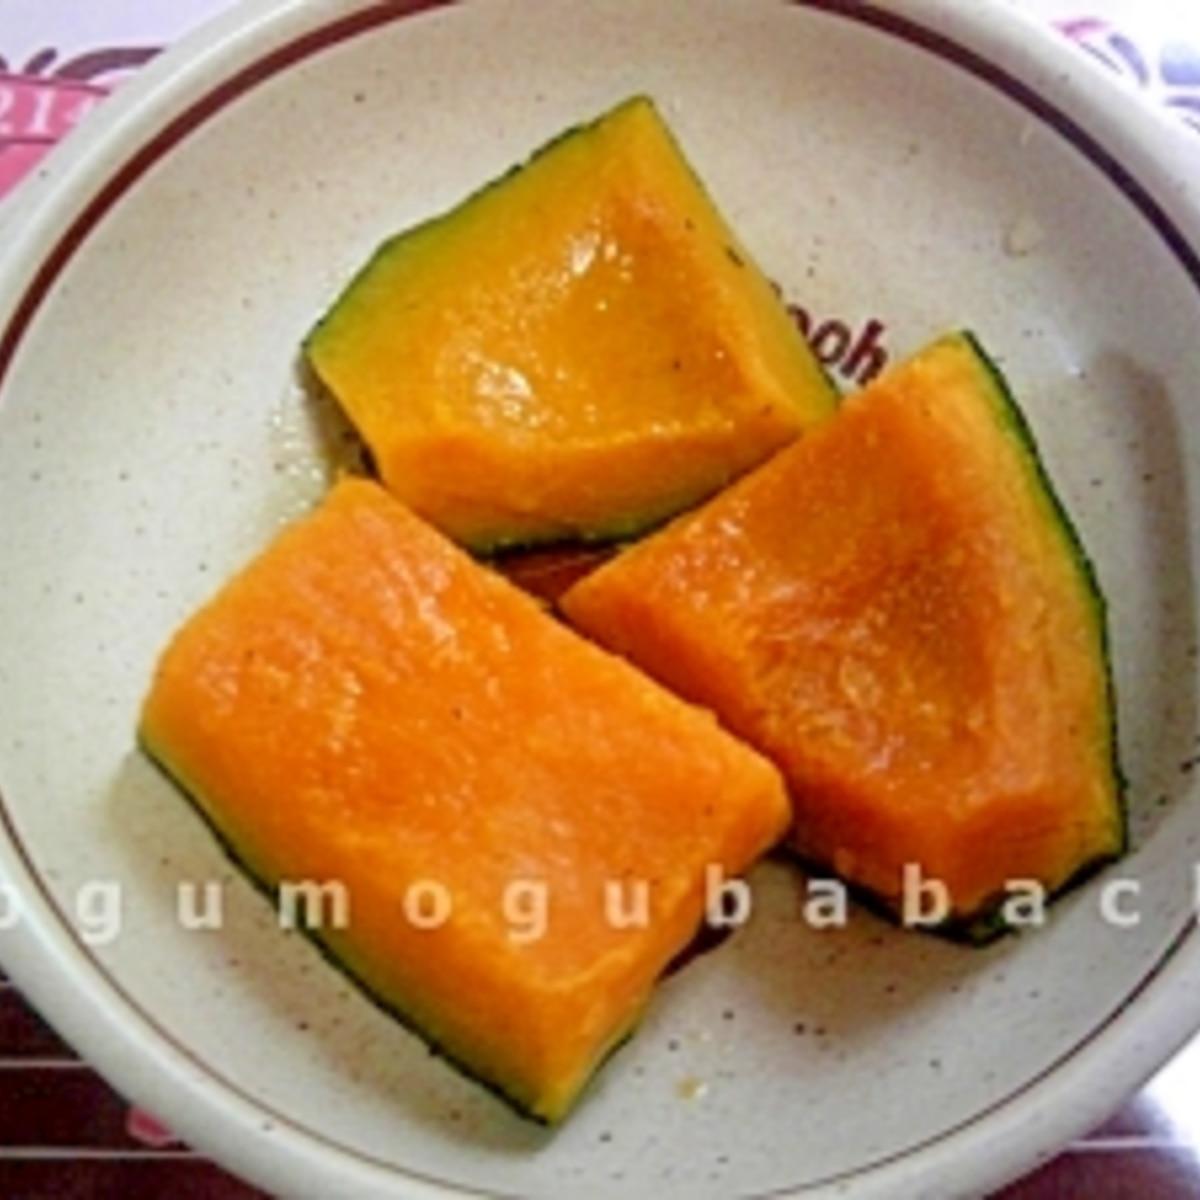 冷凍 かぼちゃ 煮物 冷凍かぼちゃで簡単煮物 by みほソン 【クックパッド】...